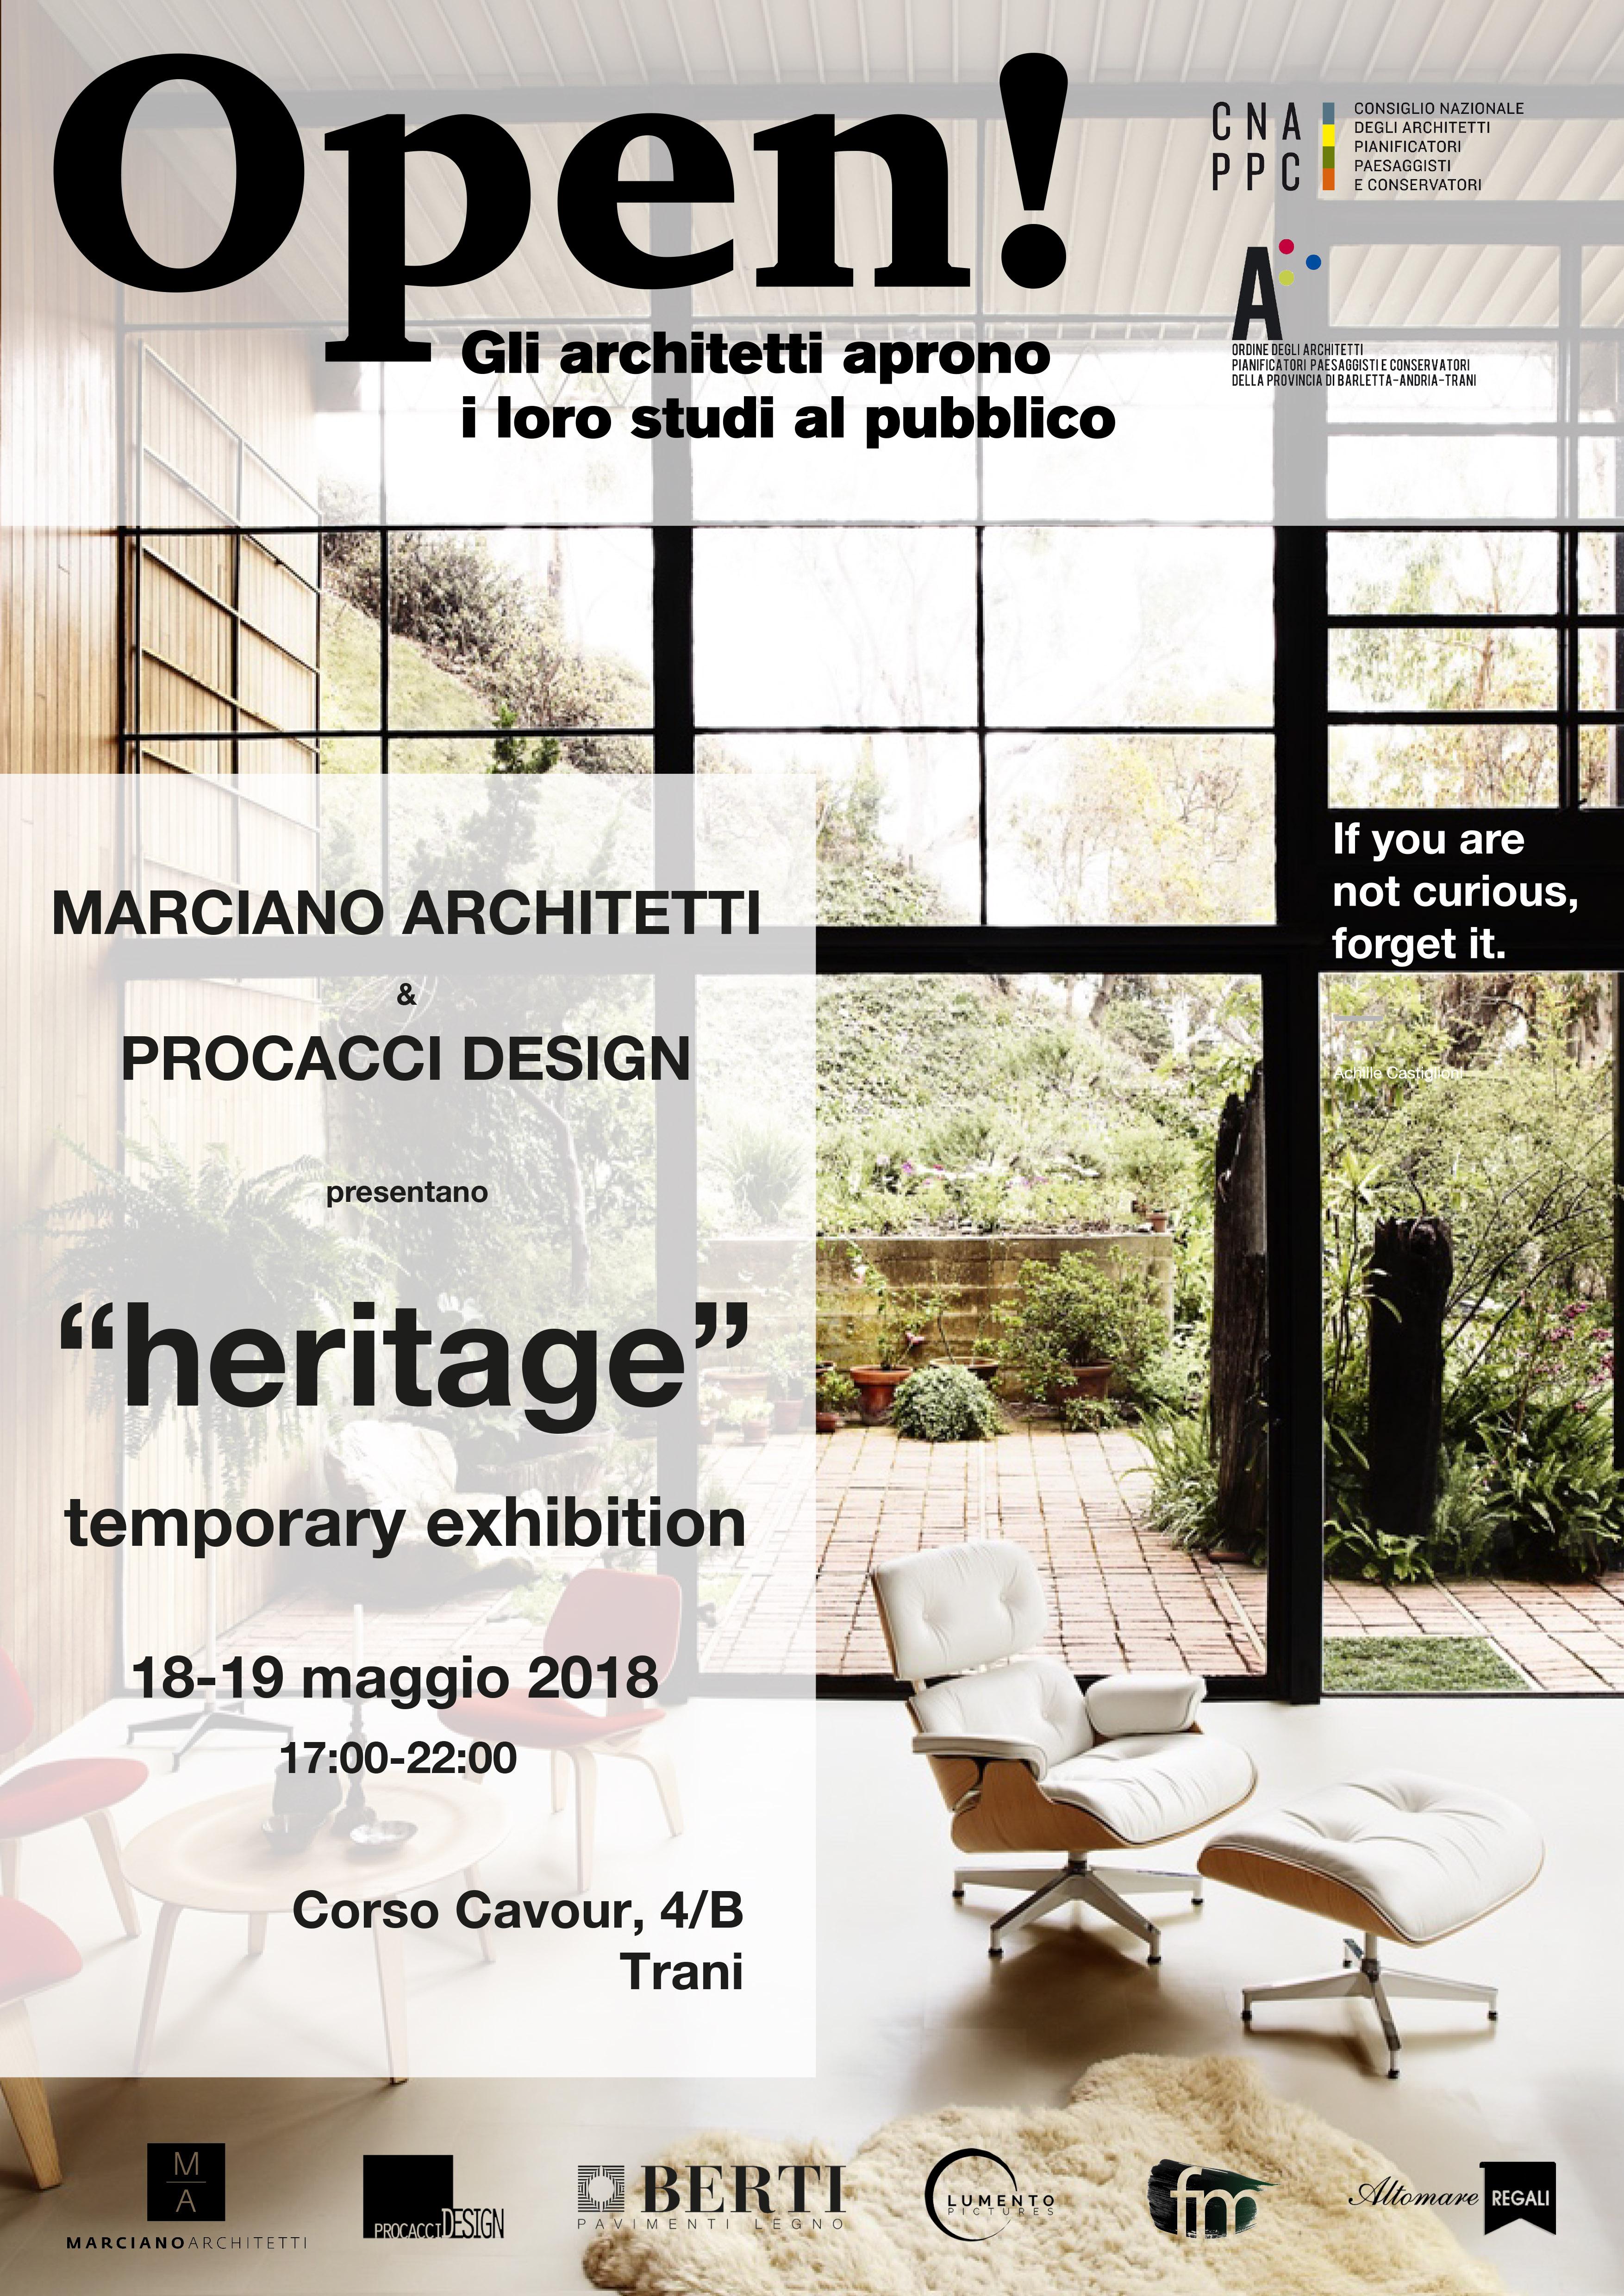 Foto del manifesto dell'evento Open riguardante l'architettura.